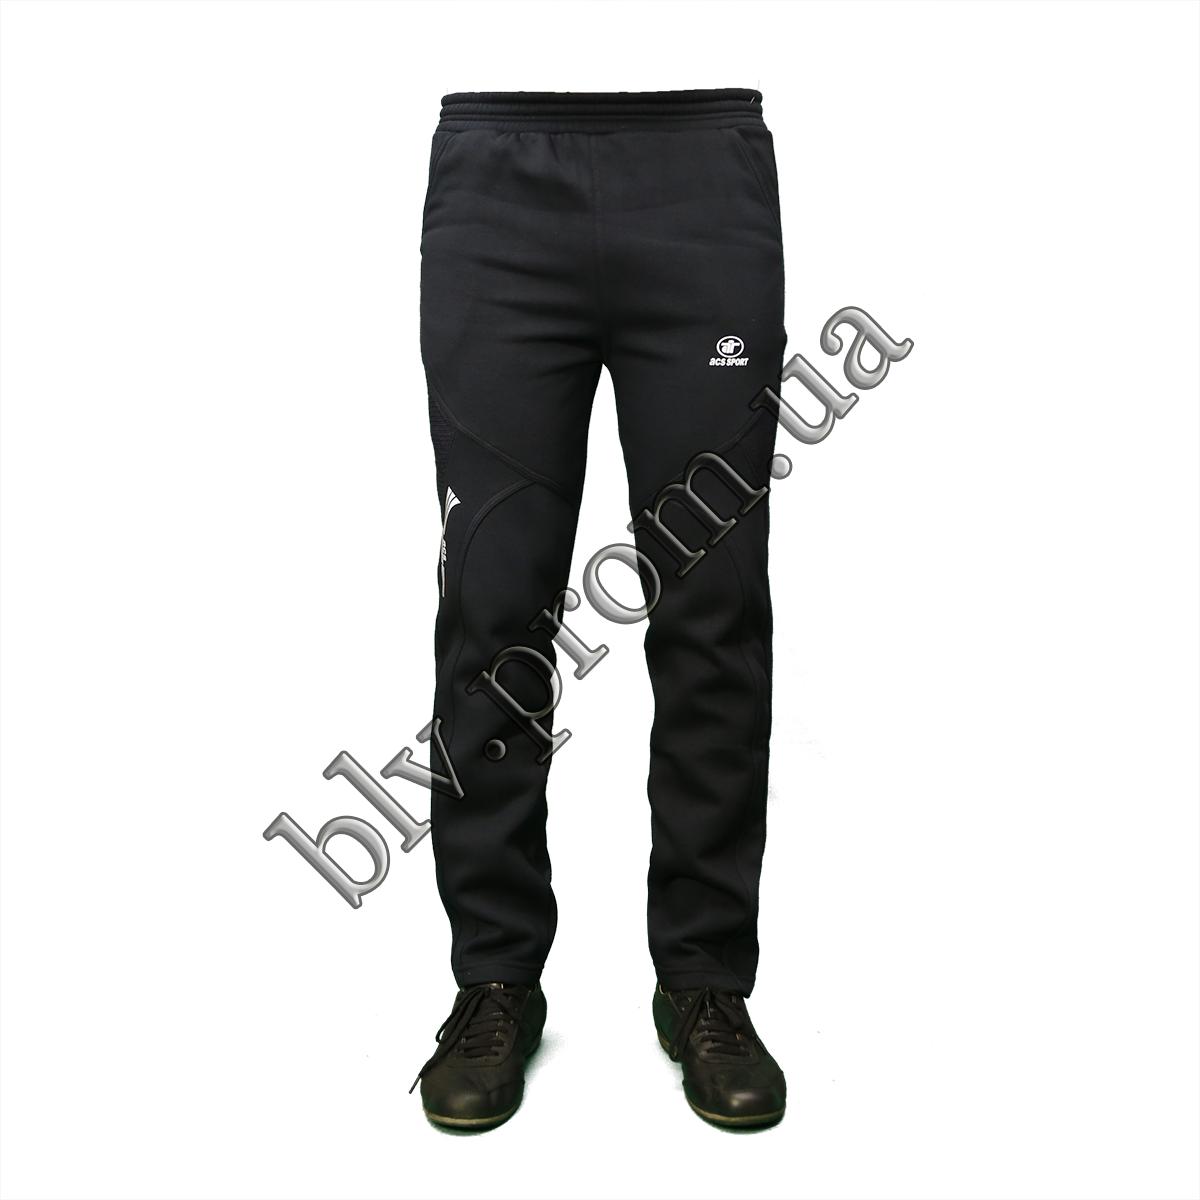 Теплые мужские молодежные брюки байка KD685 Antra